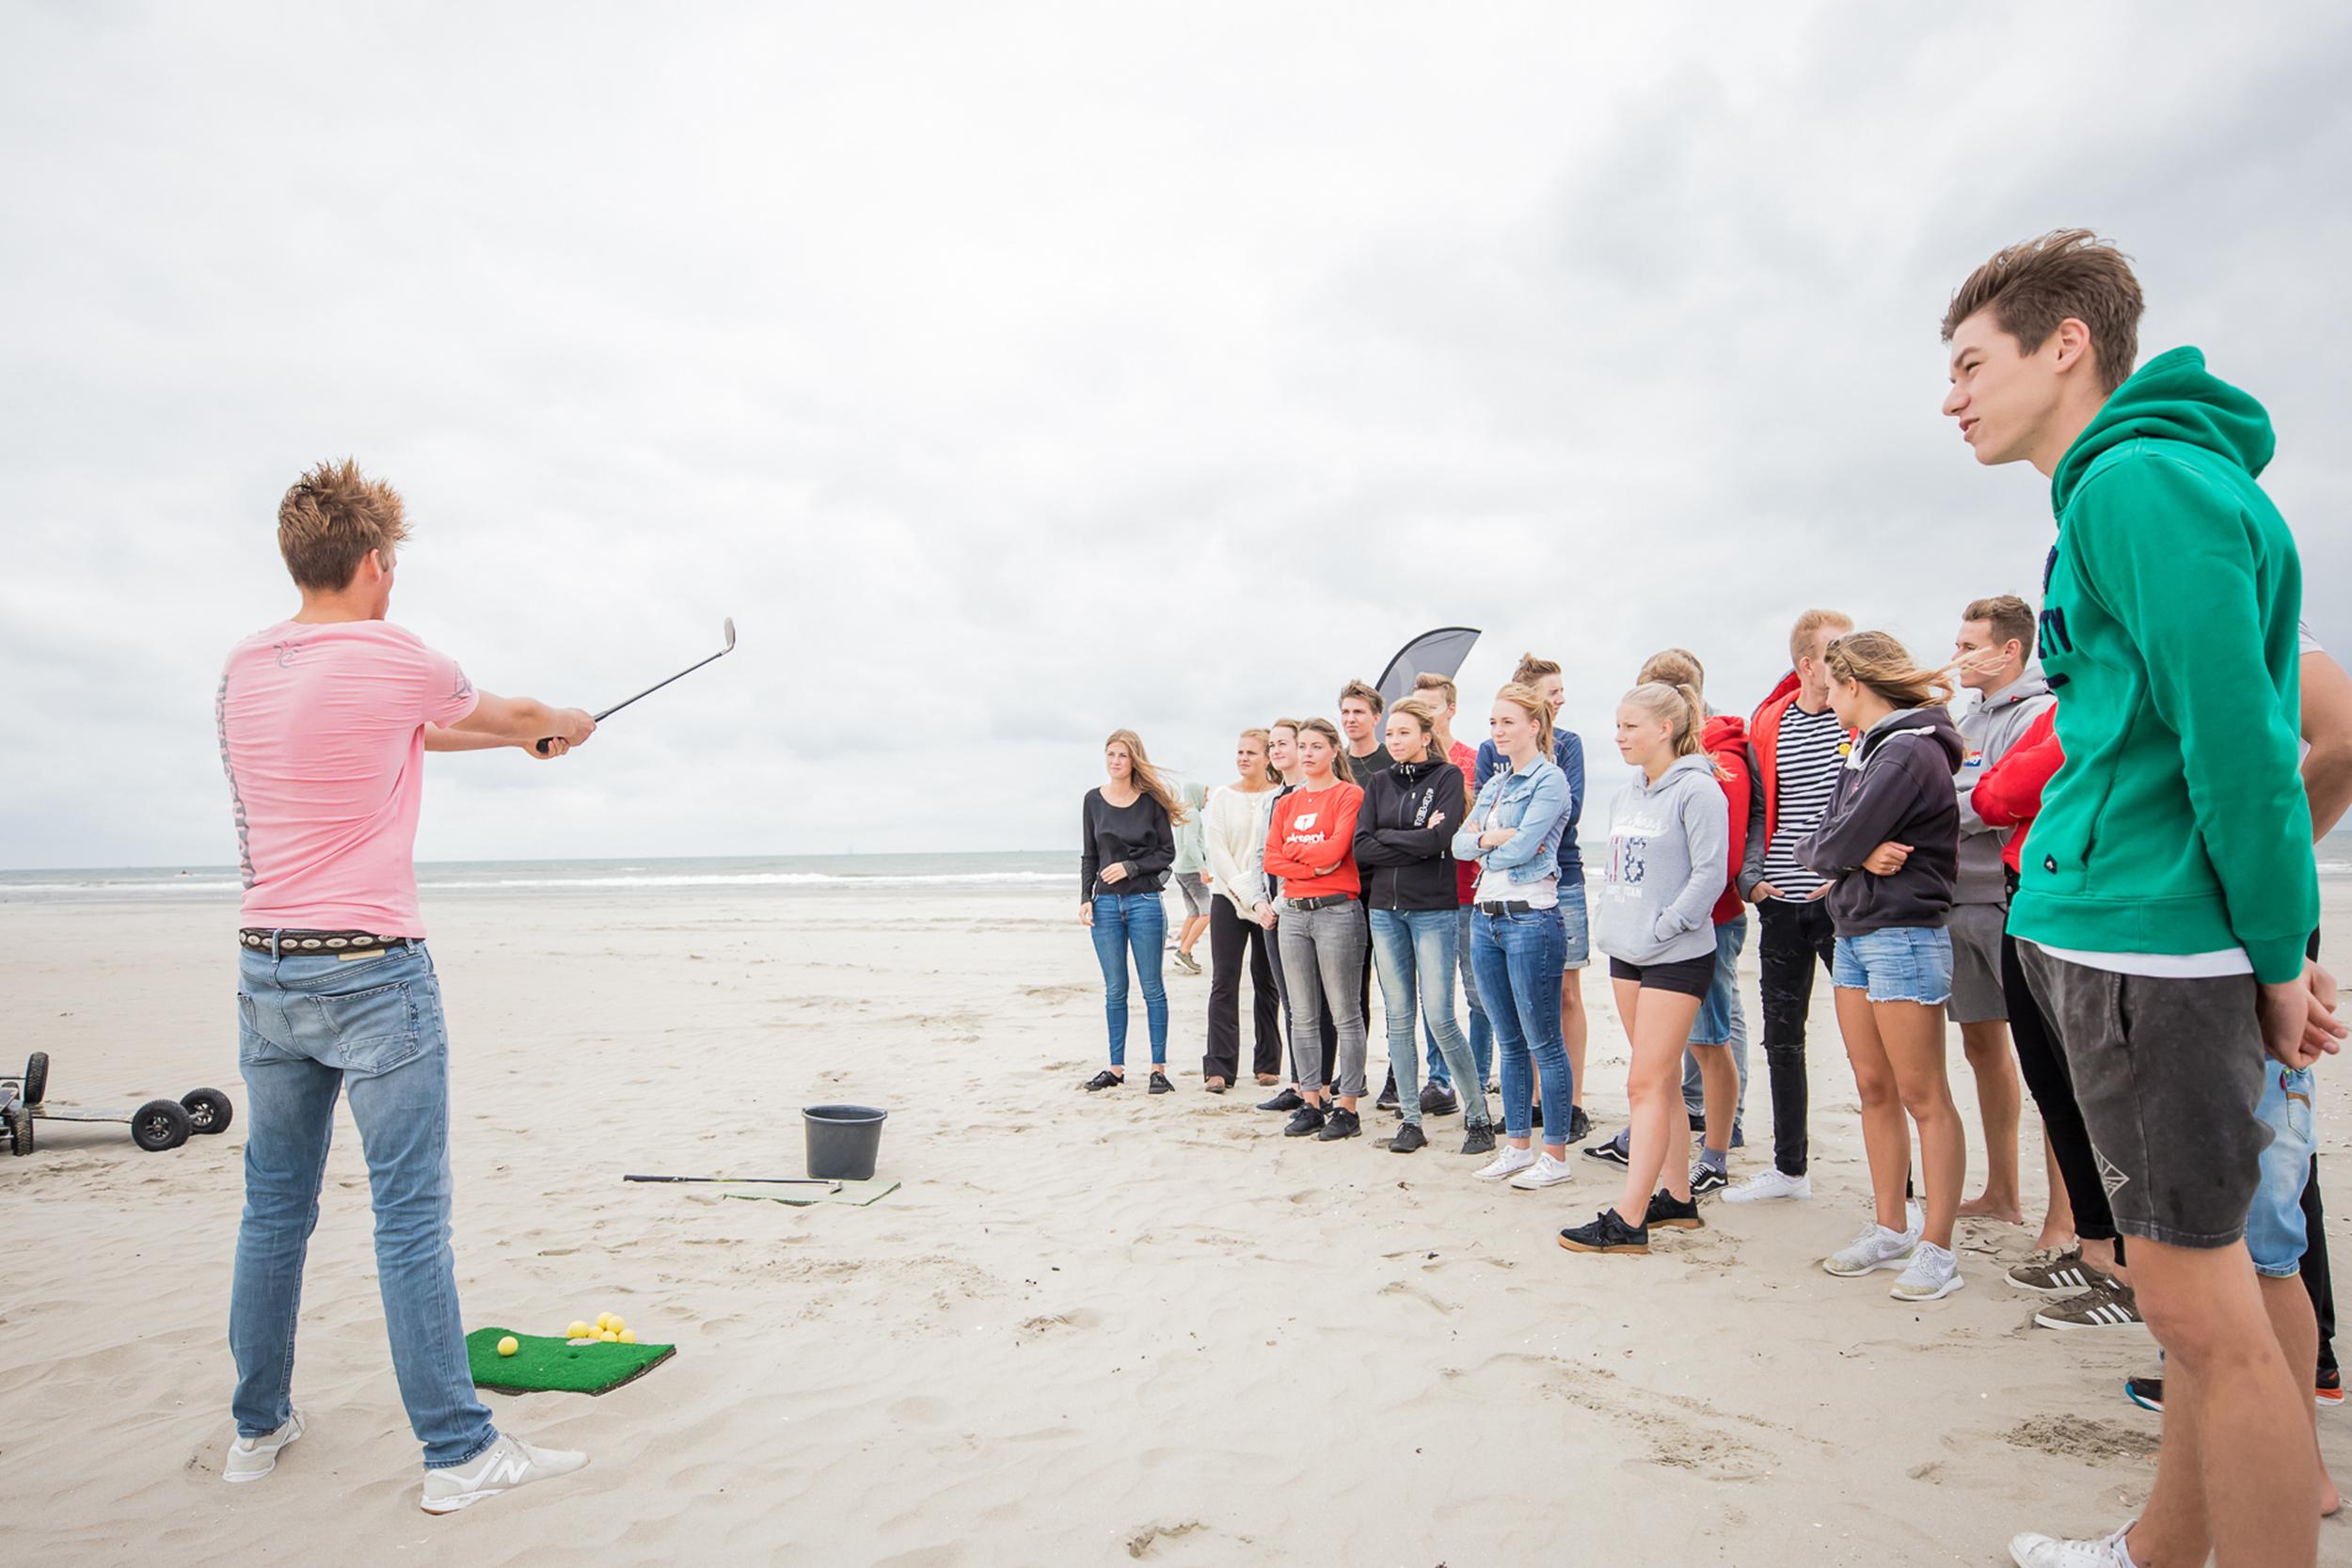 Een drive-in range op het strand, golfen als een echte professional strandgolfen tijdens uw vrijgezellenfeest, bedrijfsuitje, familie-uitje of teamuitje doe je tussen Scheveningen en Hoek van Holland, in de regio Zuid-Holland op het strand van 's-Gravenzande bij WATO-Events